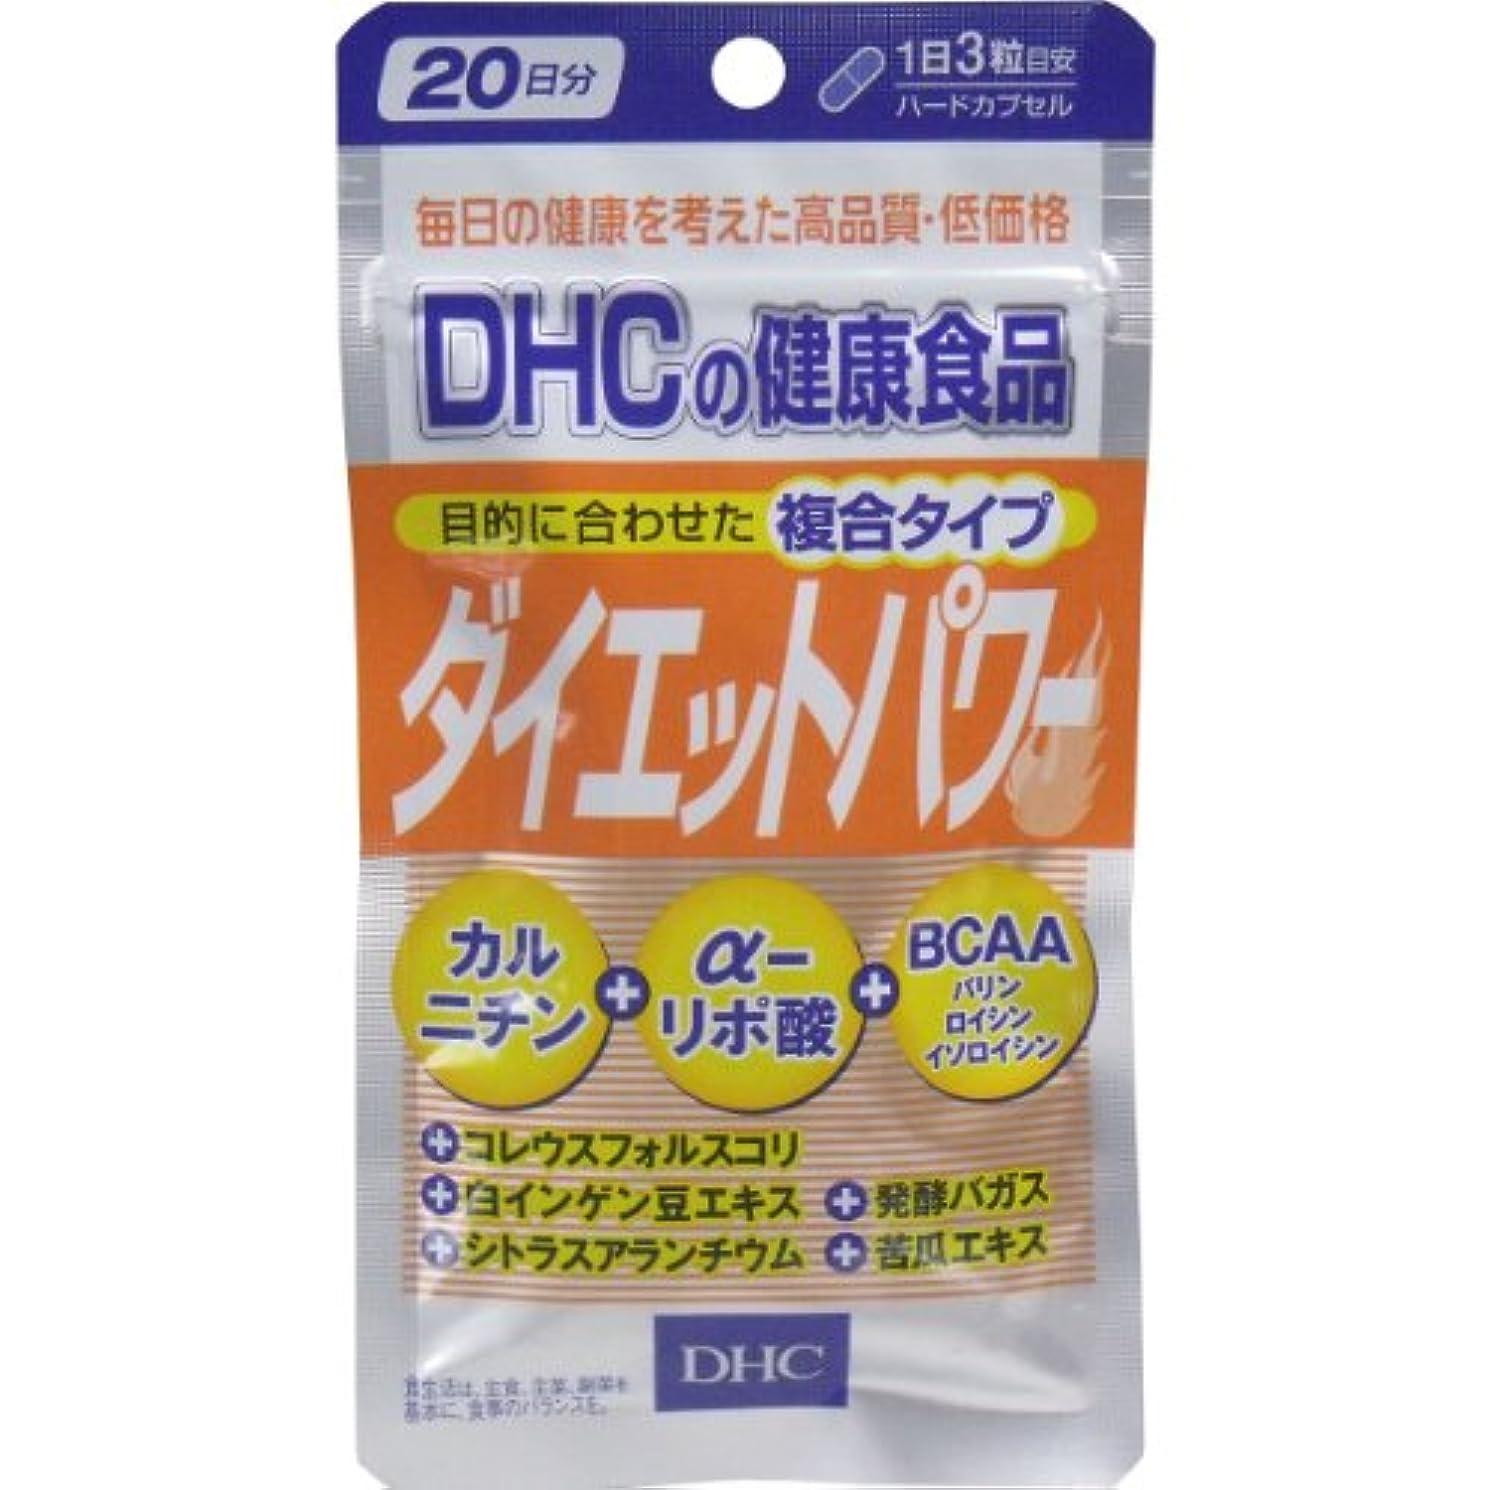 カバレッジ失業液体DHC ダイエットパワー 60粒入 20日分